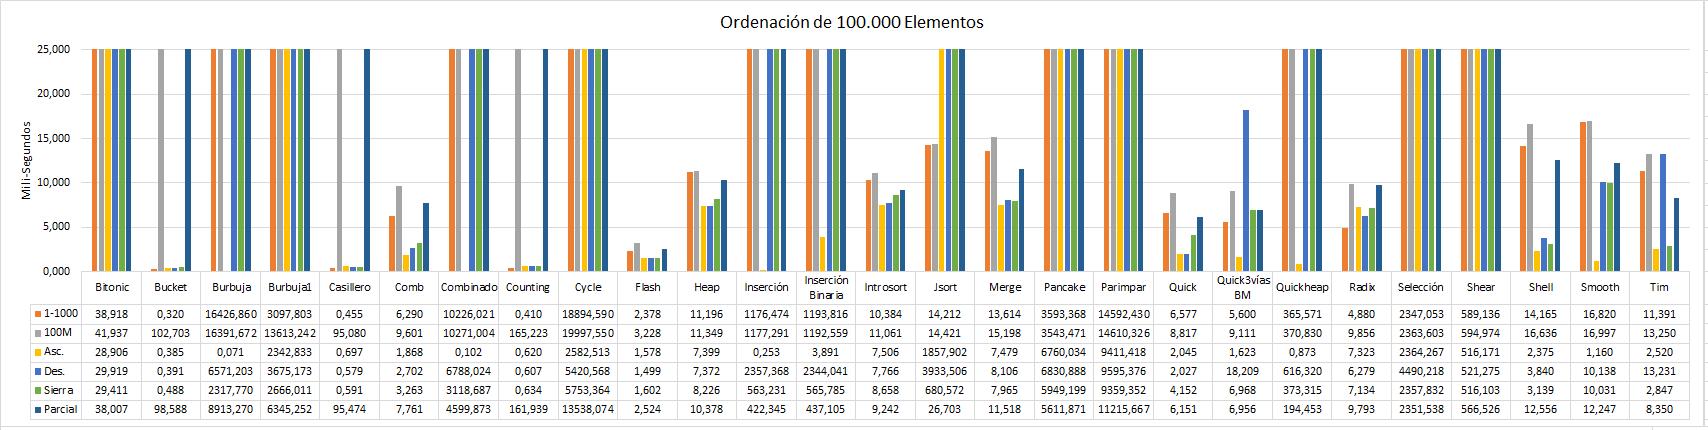 Rendimientos ordenación de 100.000 elementos